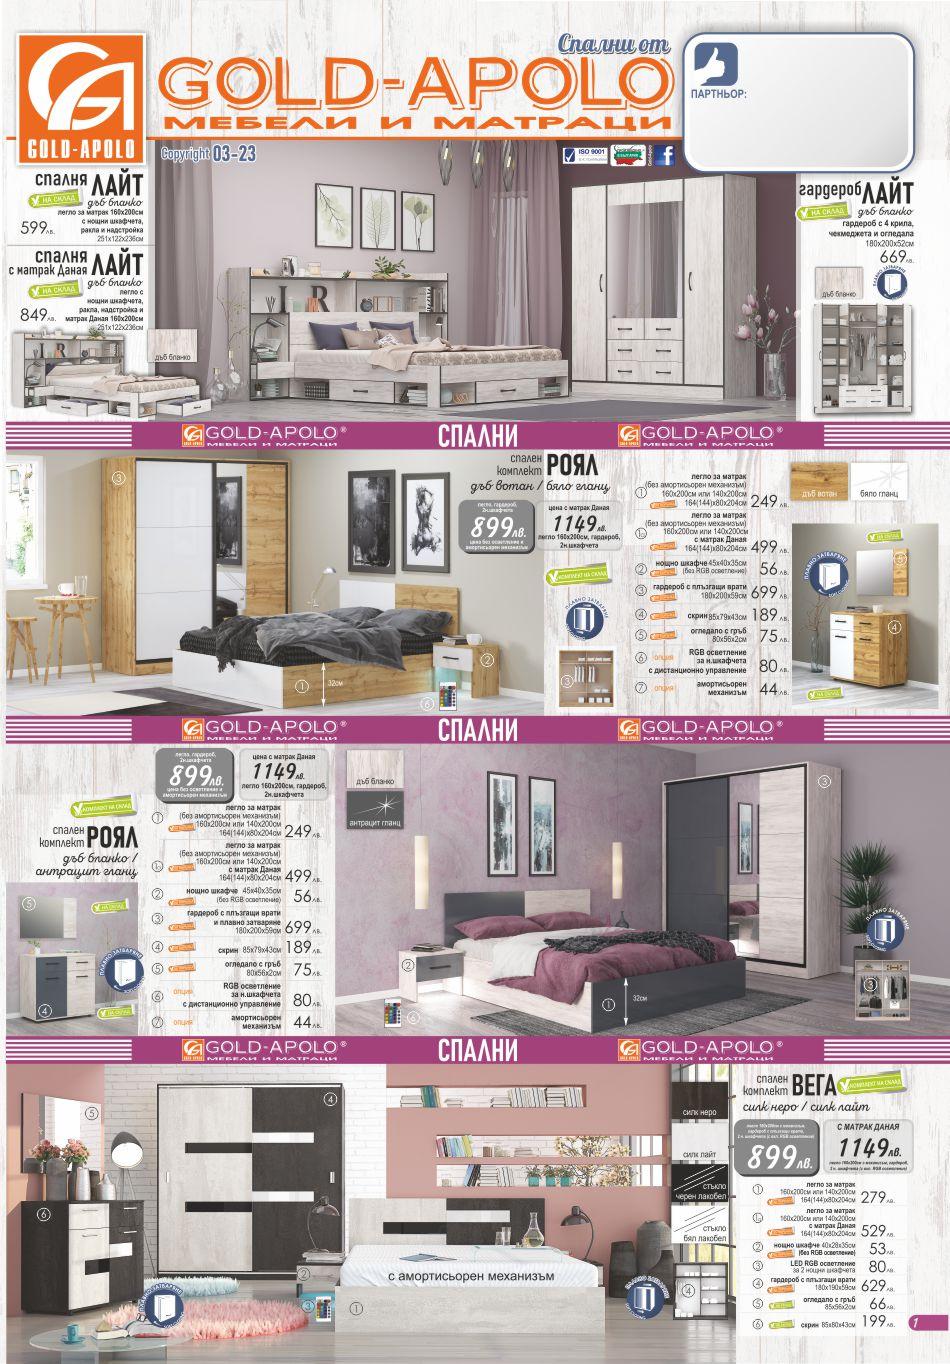 b_bedrooms_p1.jpg